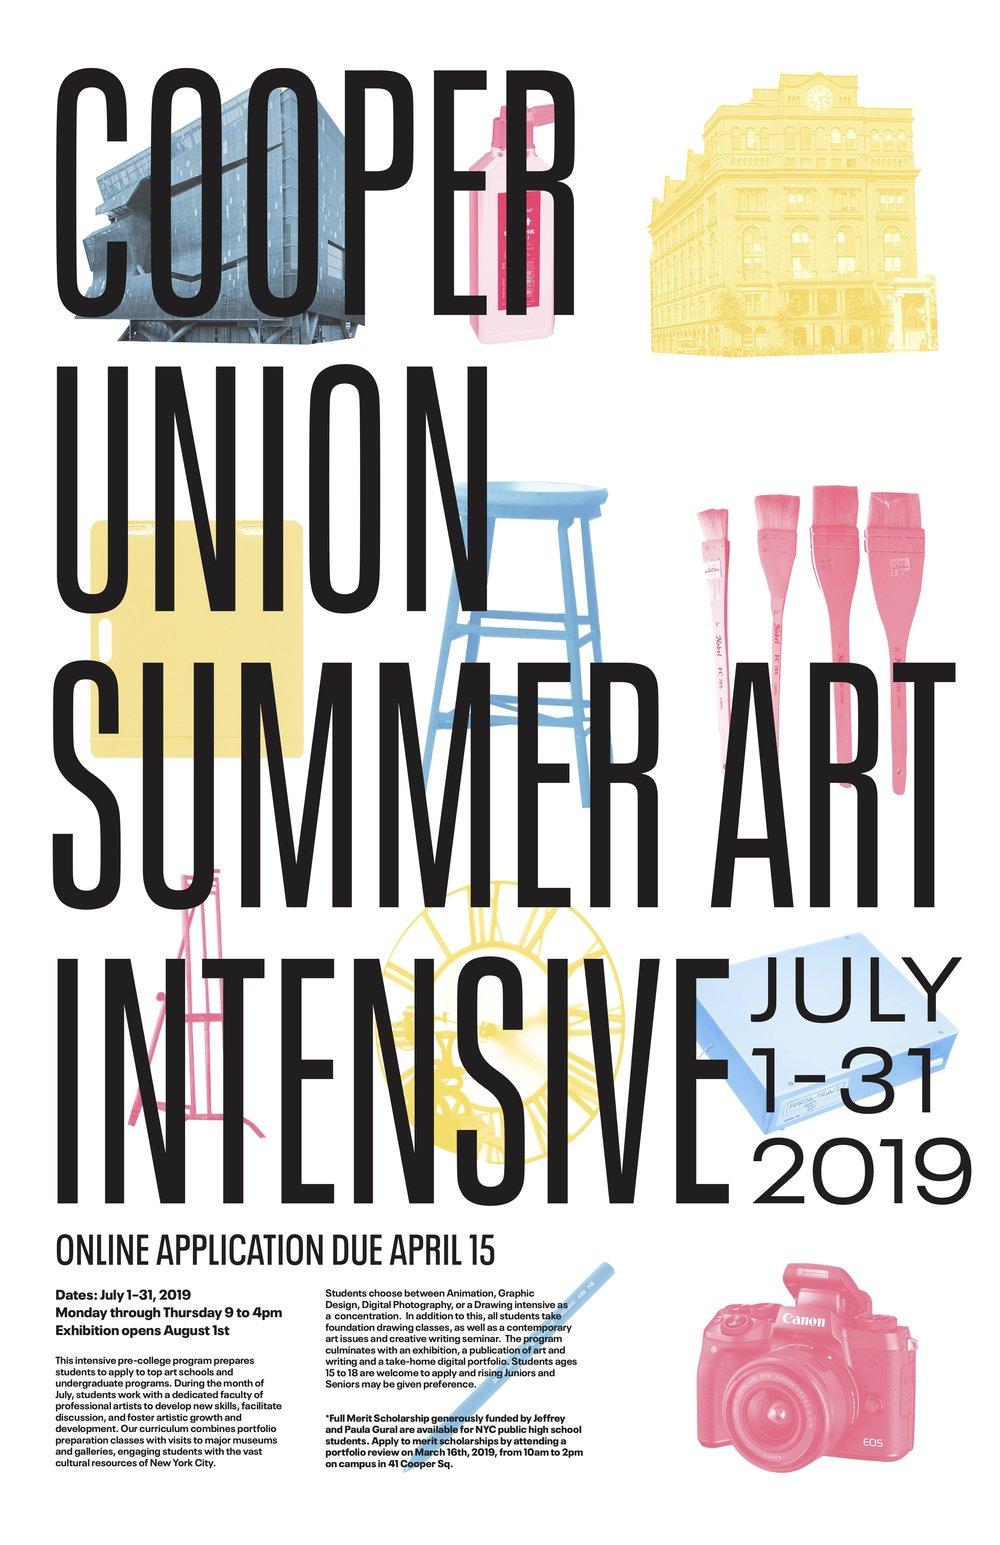 CUSAI Branding-Summer-Intensive-Poster.jpg